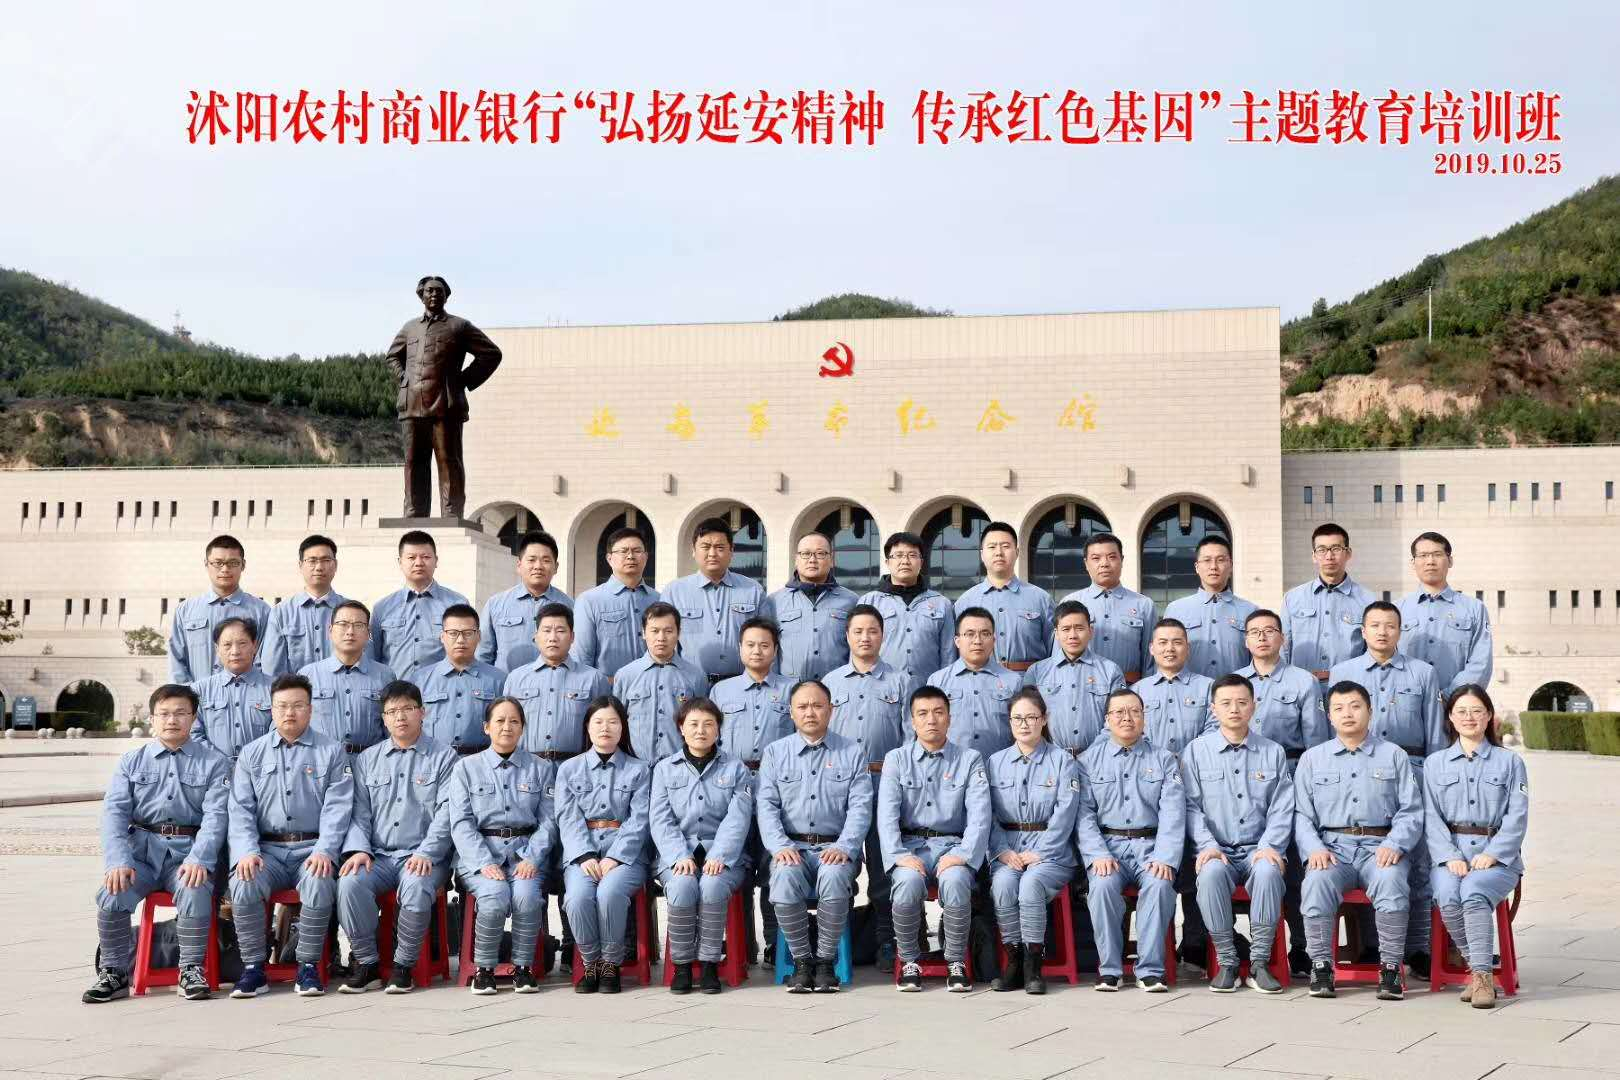 延安红色培训:沐阳农村商业银行主题教育培训班